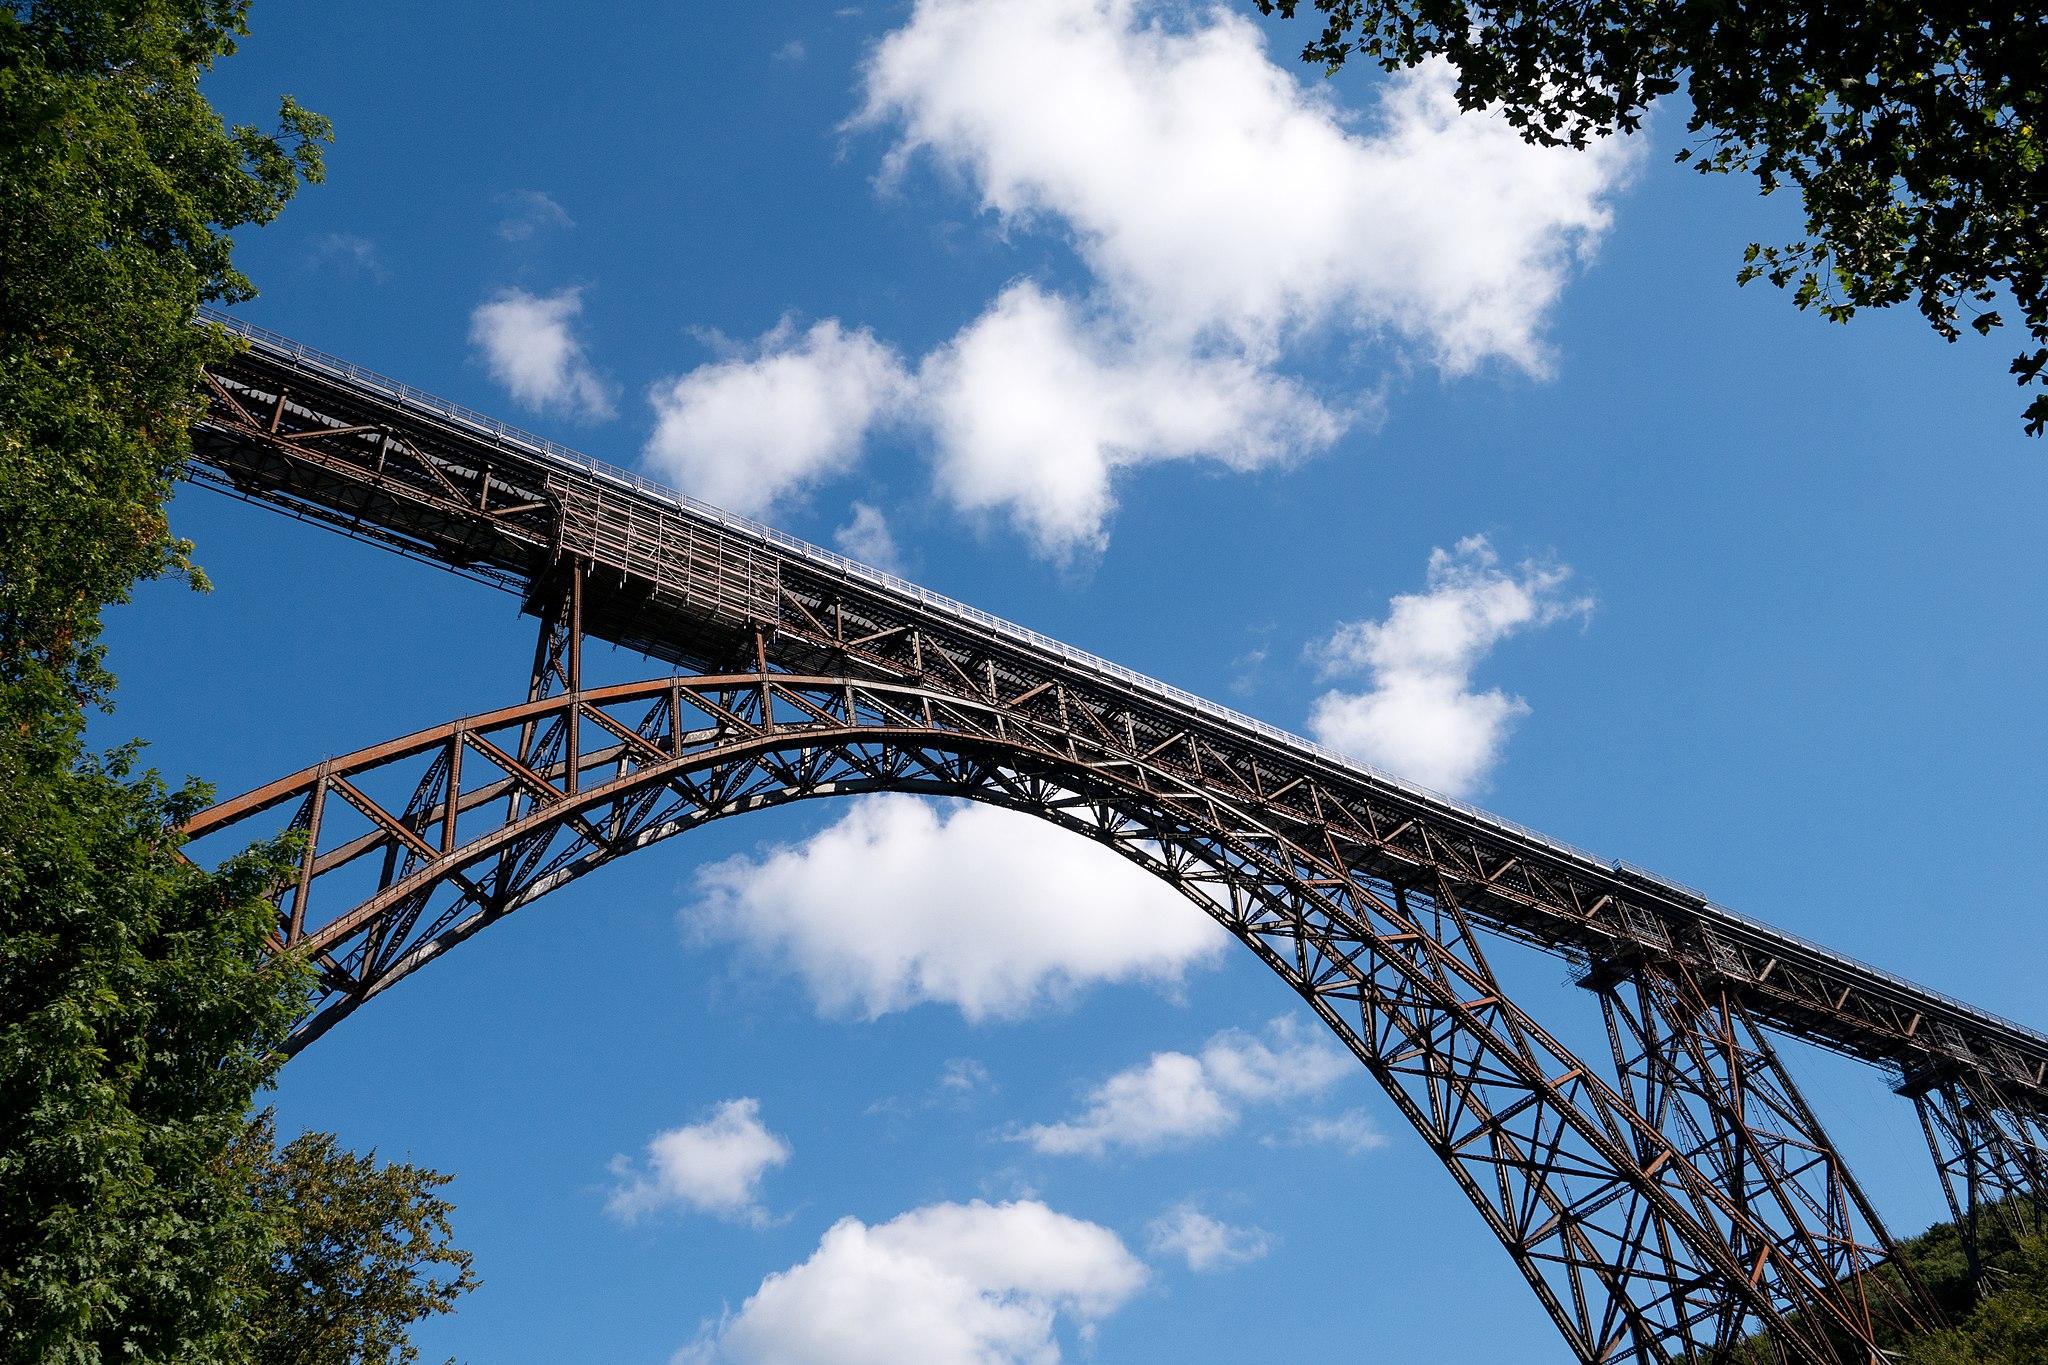 Die Müngstener Brücke, fotografiert von unten mit Blick auf einen blauen Himmel an einem sonnigen Tag.